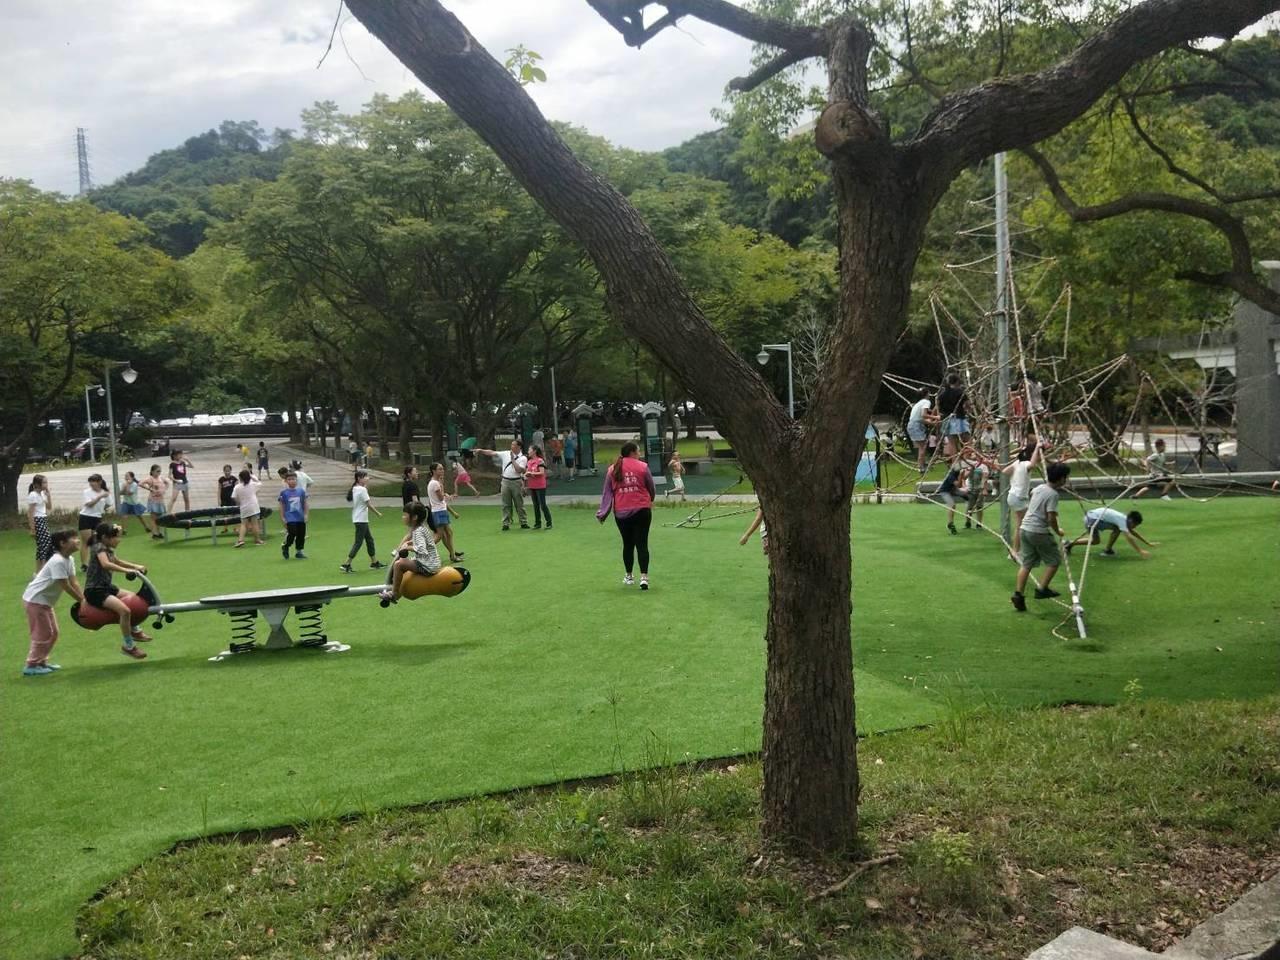 「我們都被電到」公園新設施好玩,兒童頻被電原因費解。記者游明煌/攝影